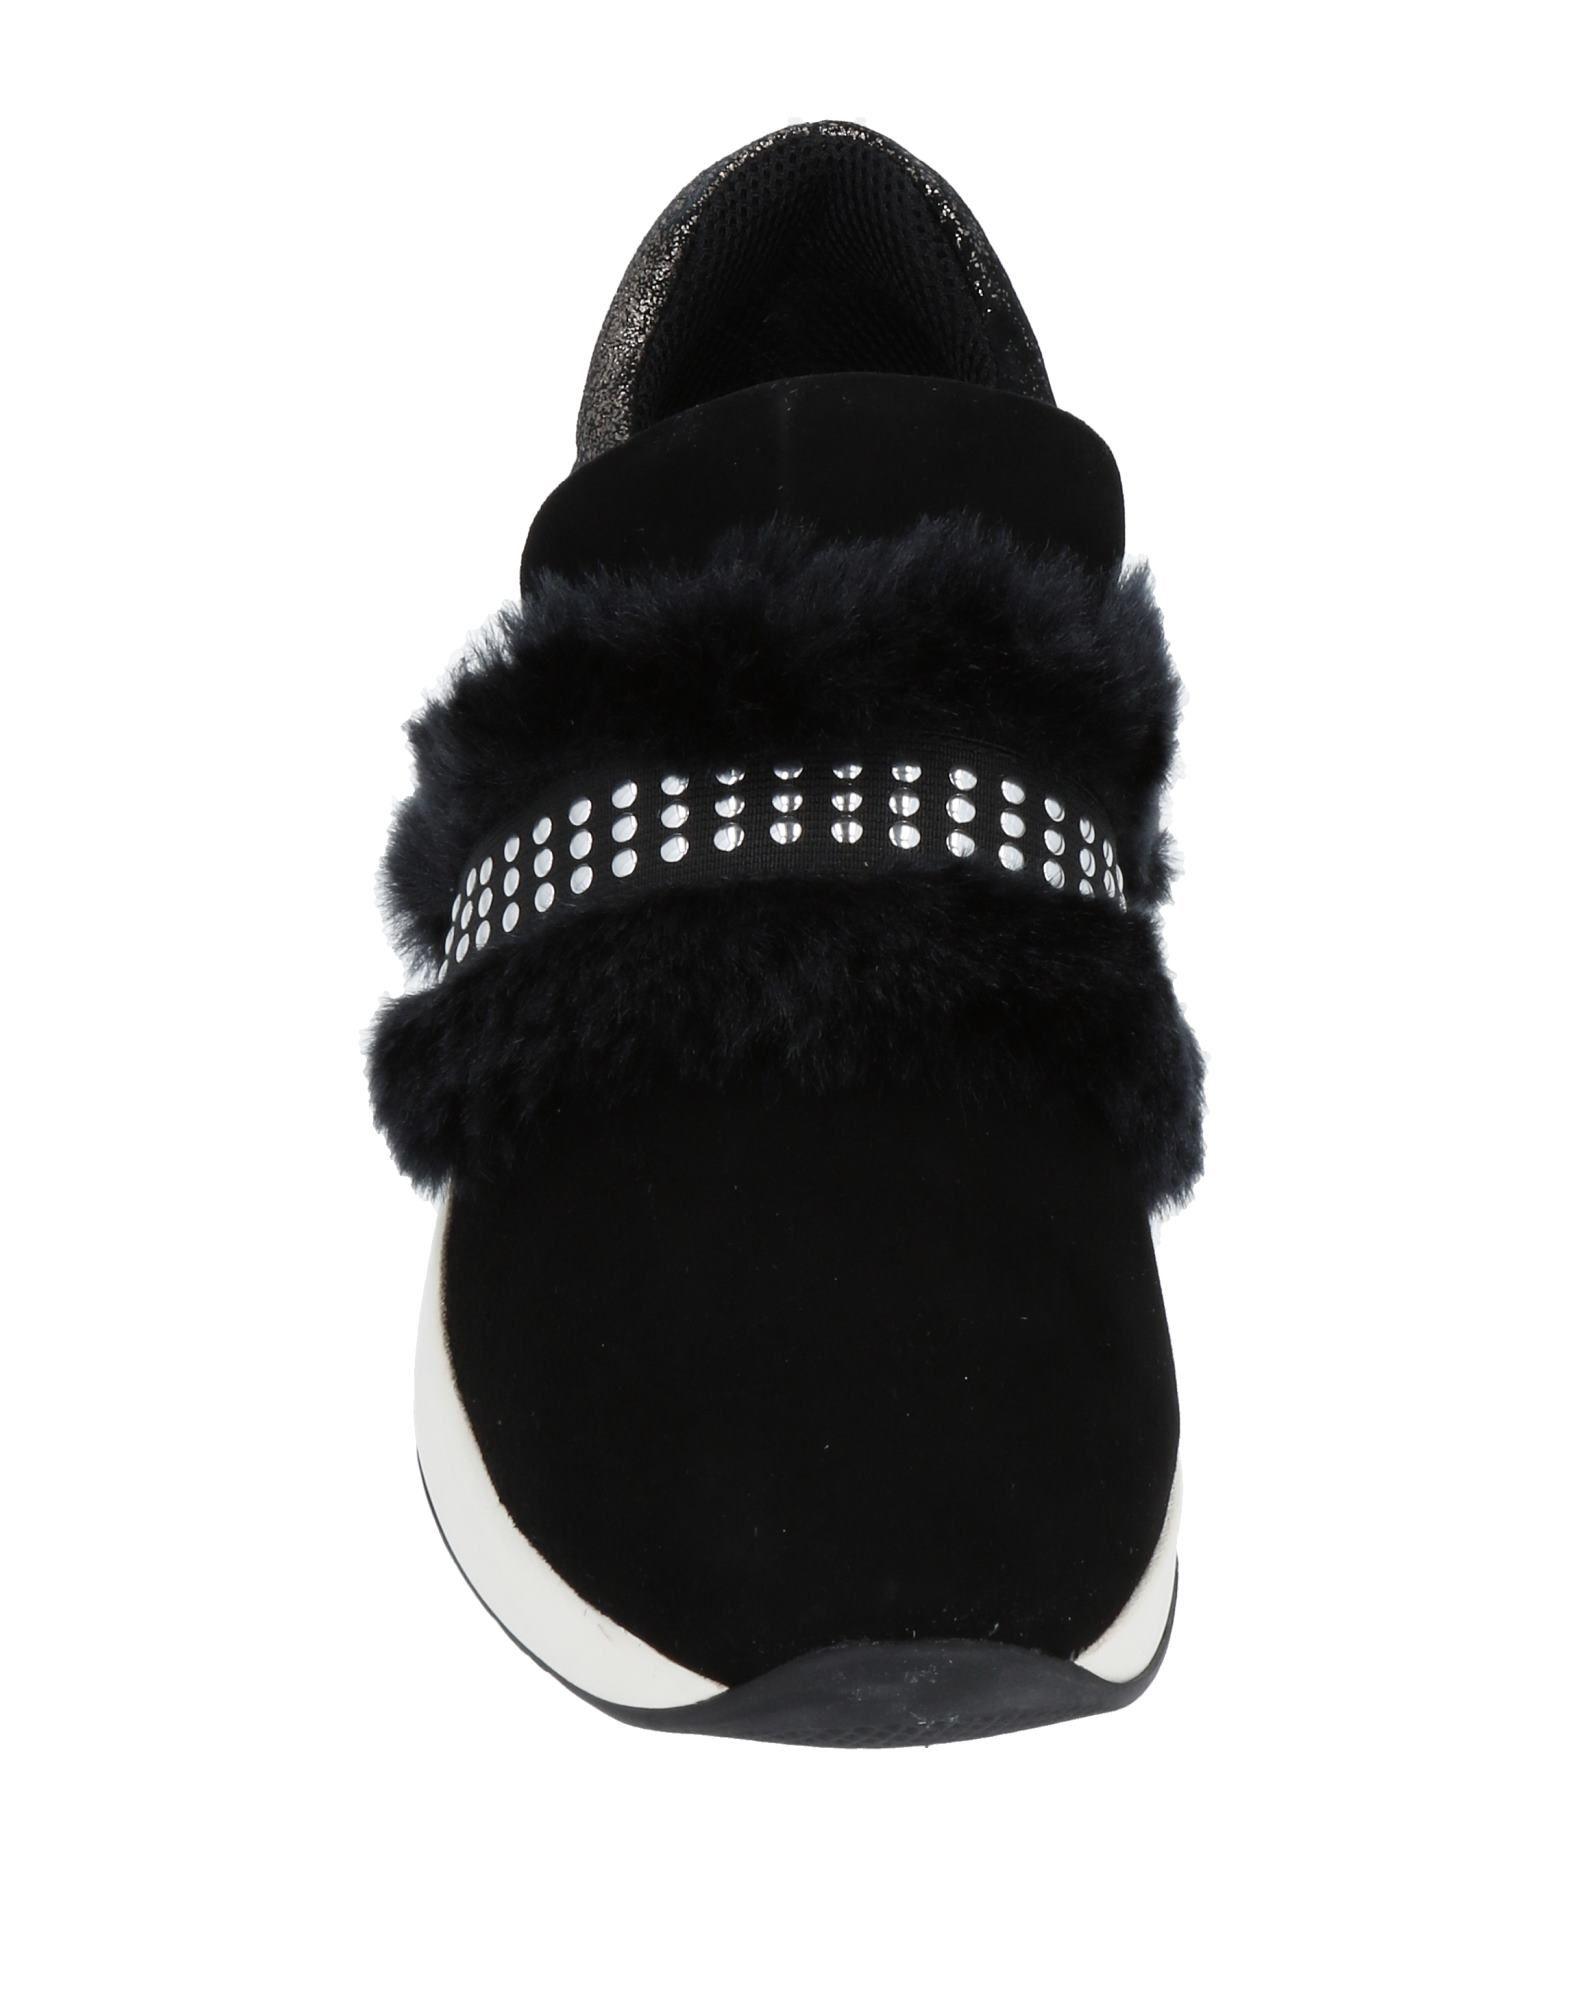 Cafènoir Turnschuhes beliebte Damen 11477534WJ Gute Qualität beliebte Turnschuhes Schuhe 9b2f7d